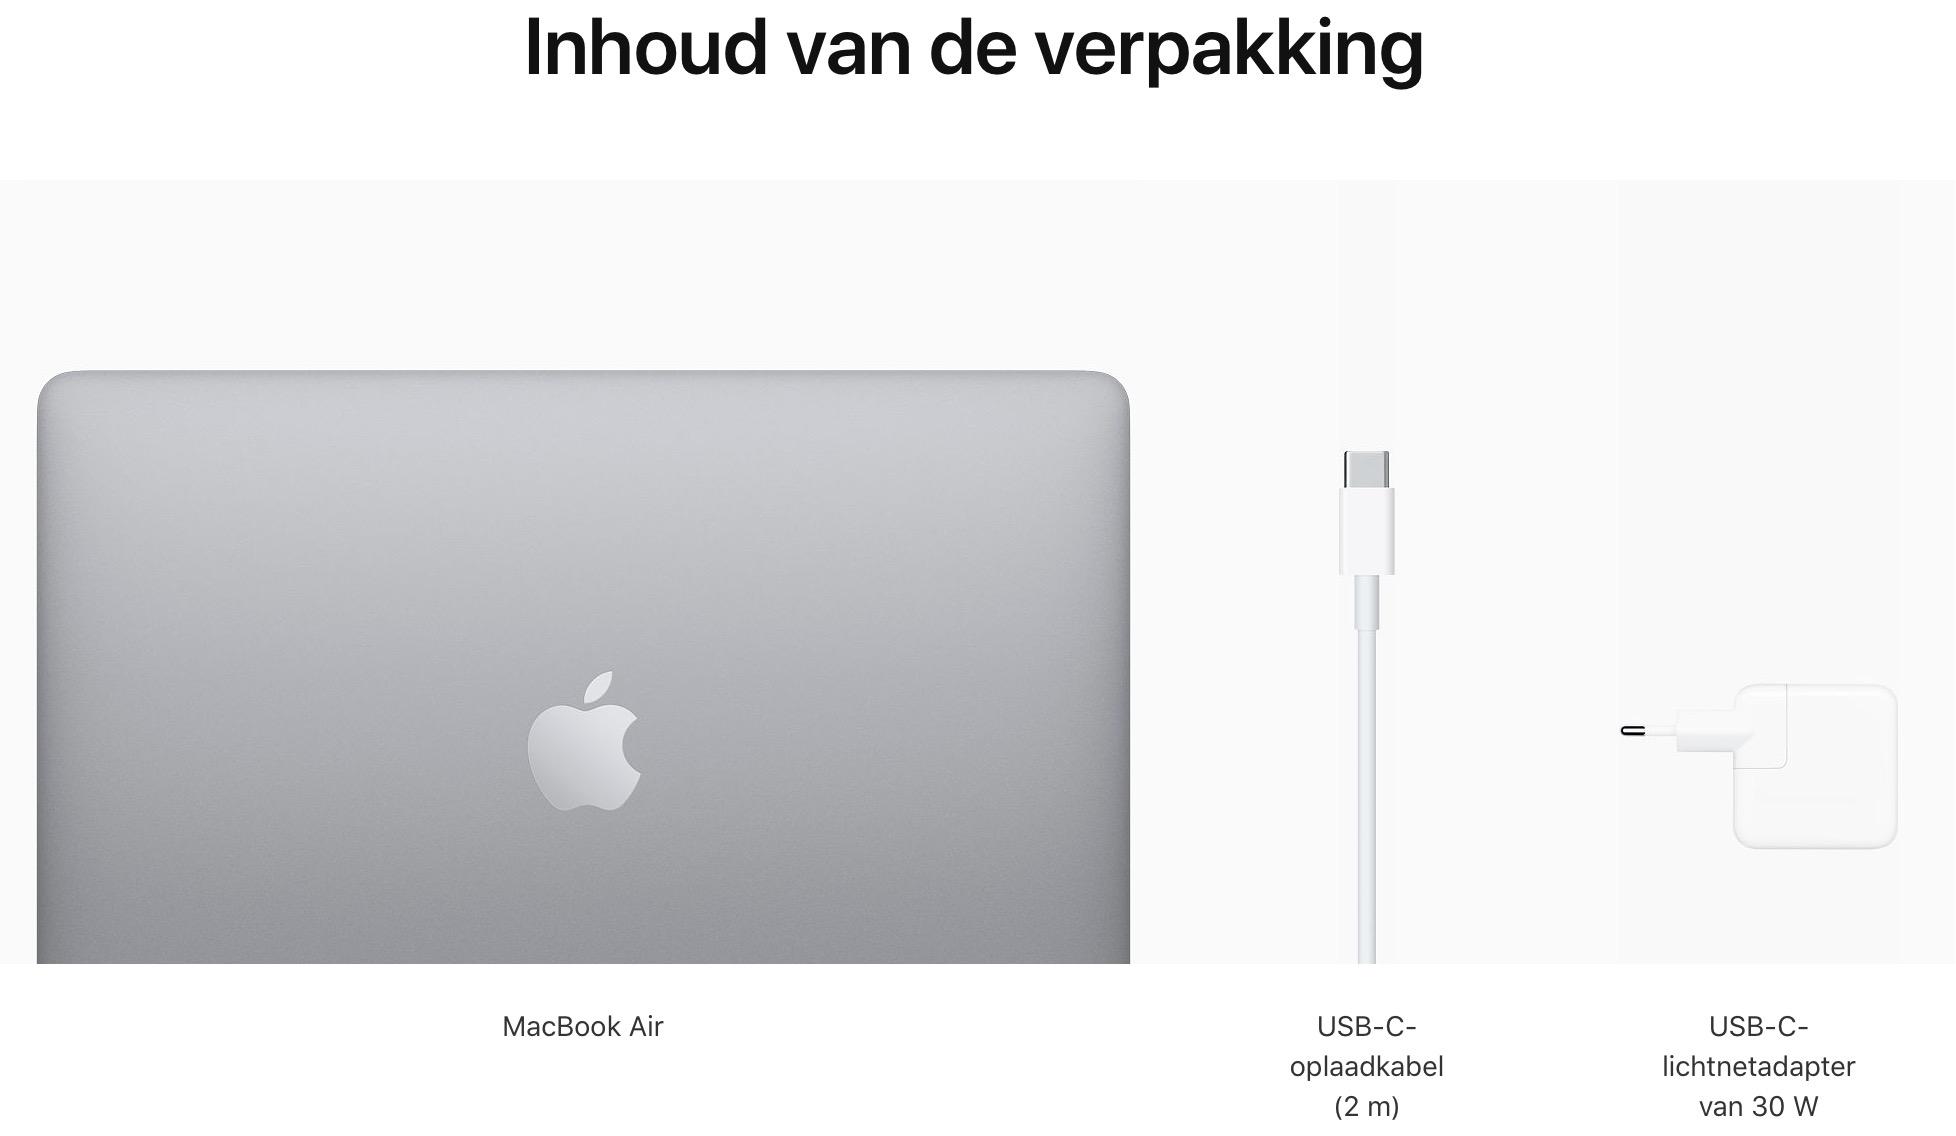 13-inch MacBook Air - Spacegrijs - Apple M1‑chip met 8‑core CPU en 7‑core GPU - 8 GB RAM - 250 GB opslag - Twee (USB‑C)...